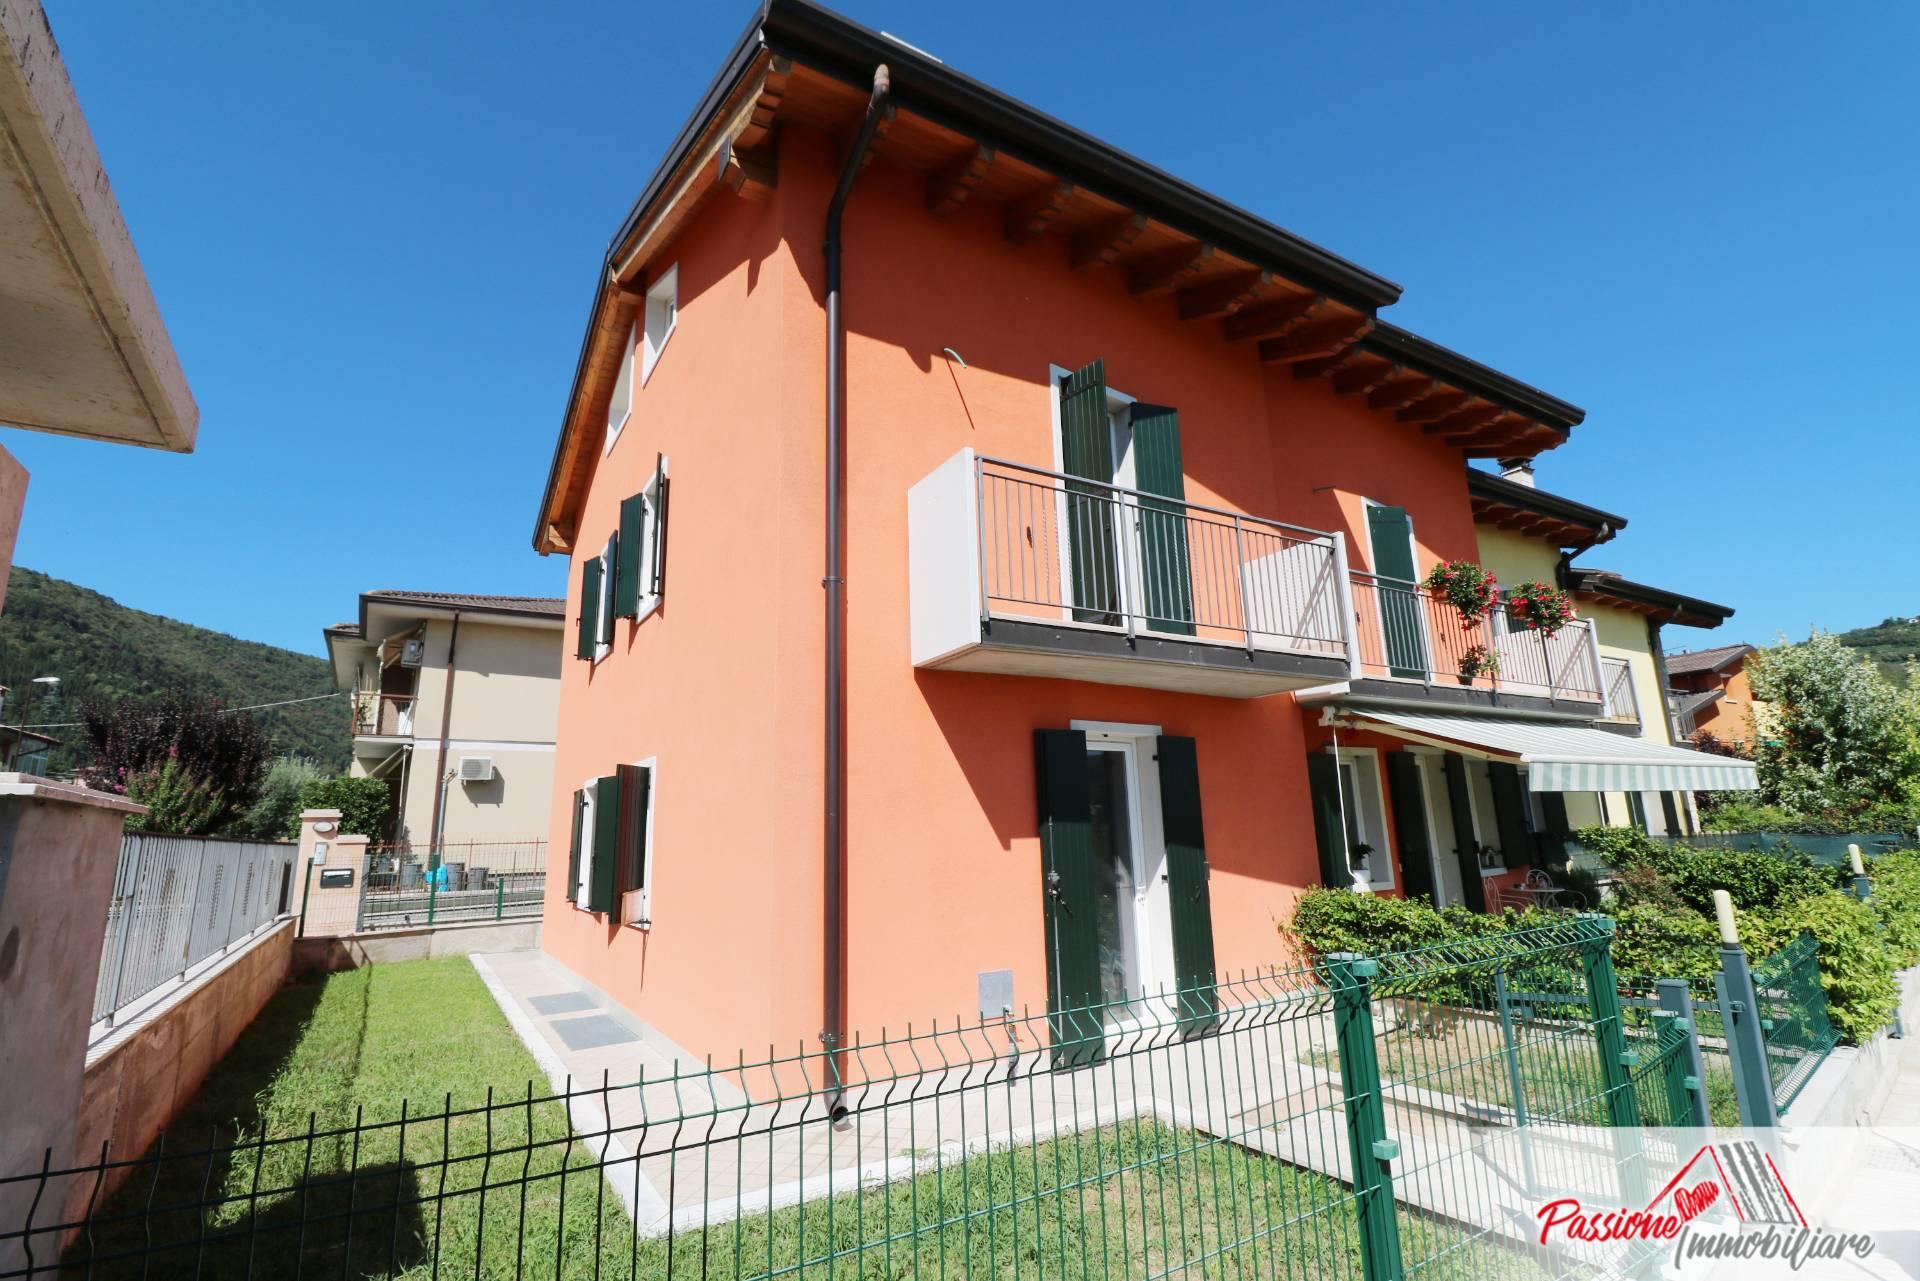 Villette a schiera in vendita a Fumane – Passione Immobiliare Verona